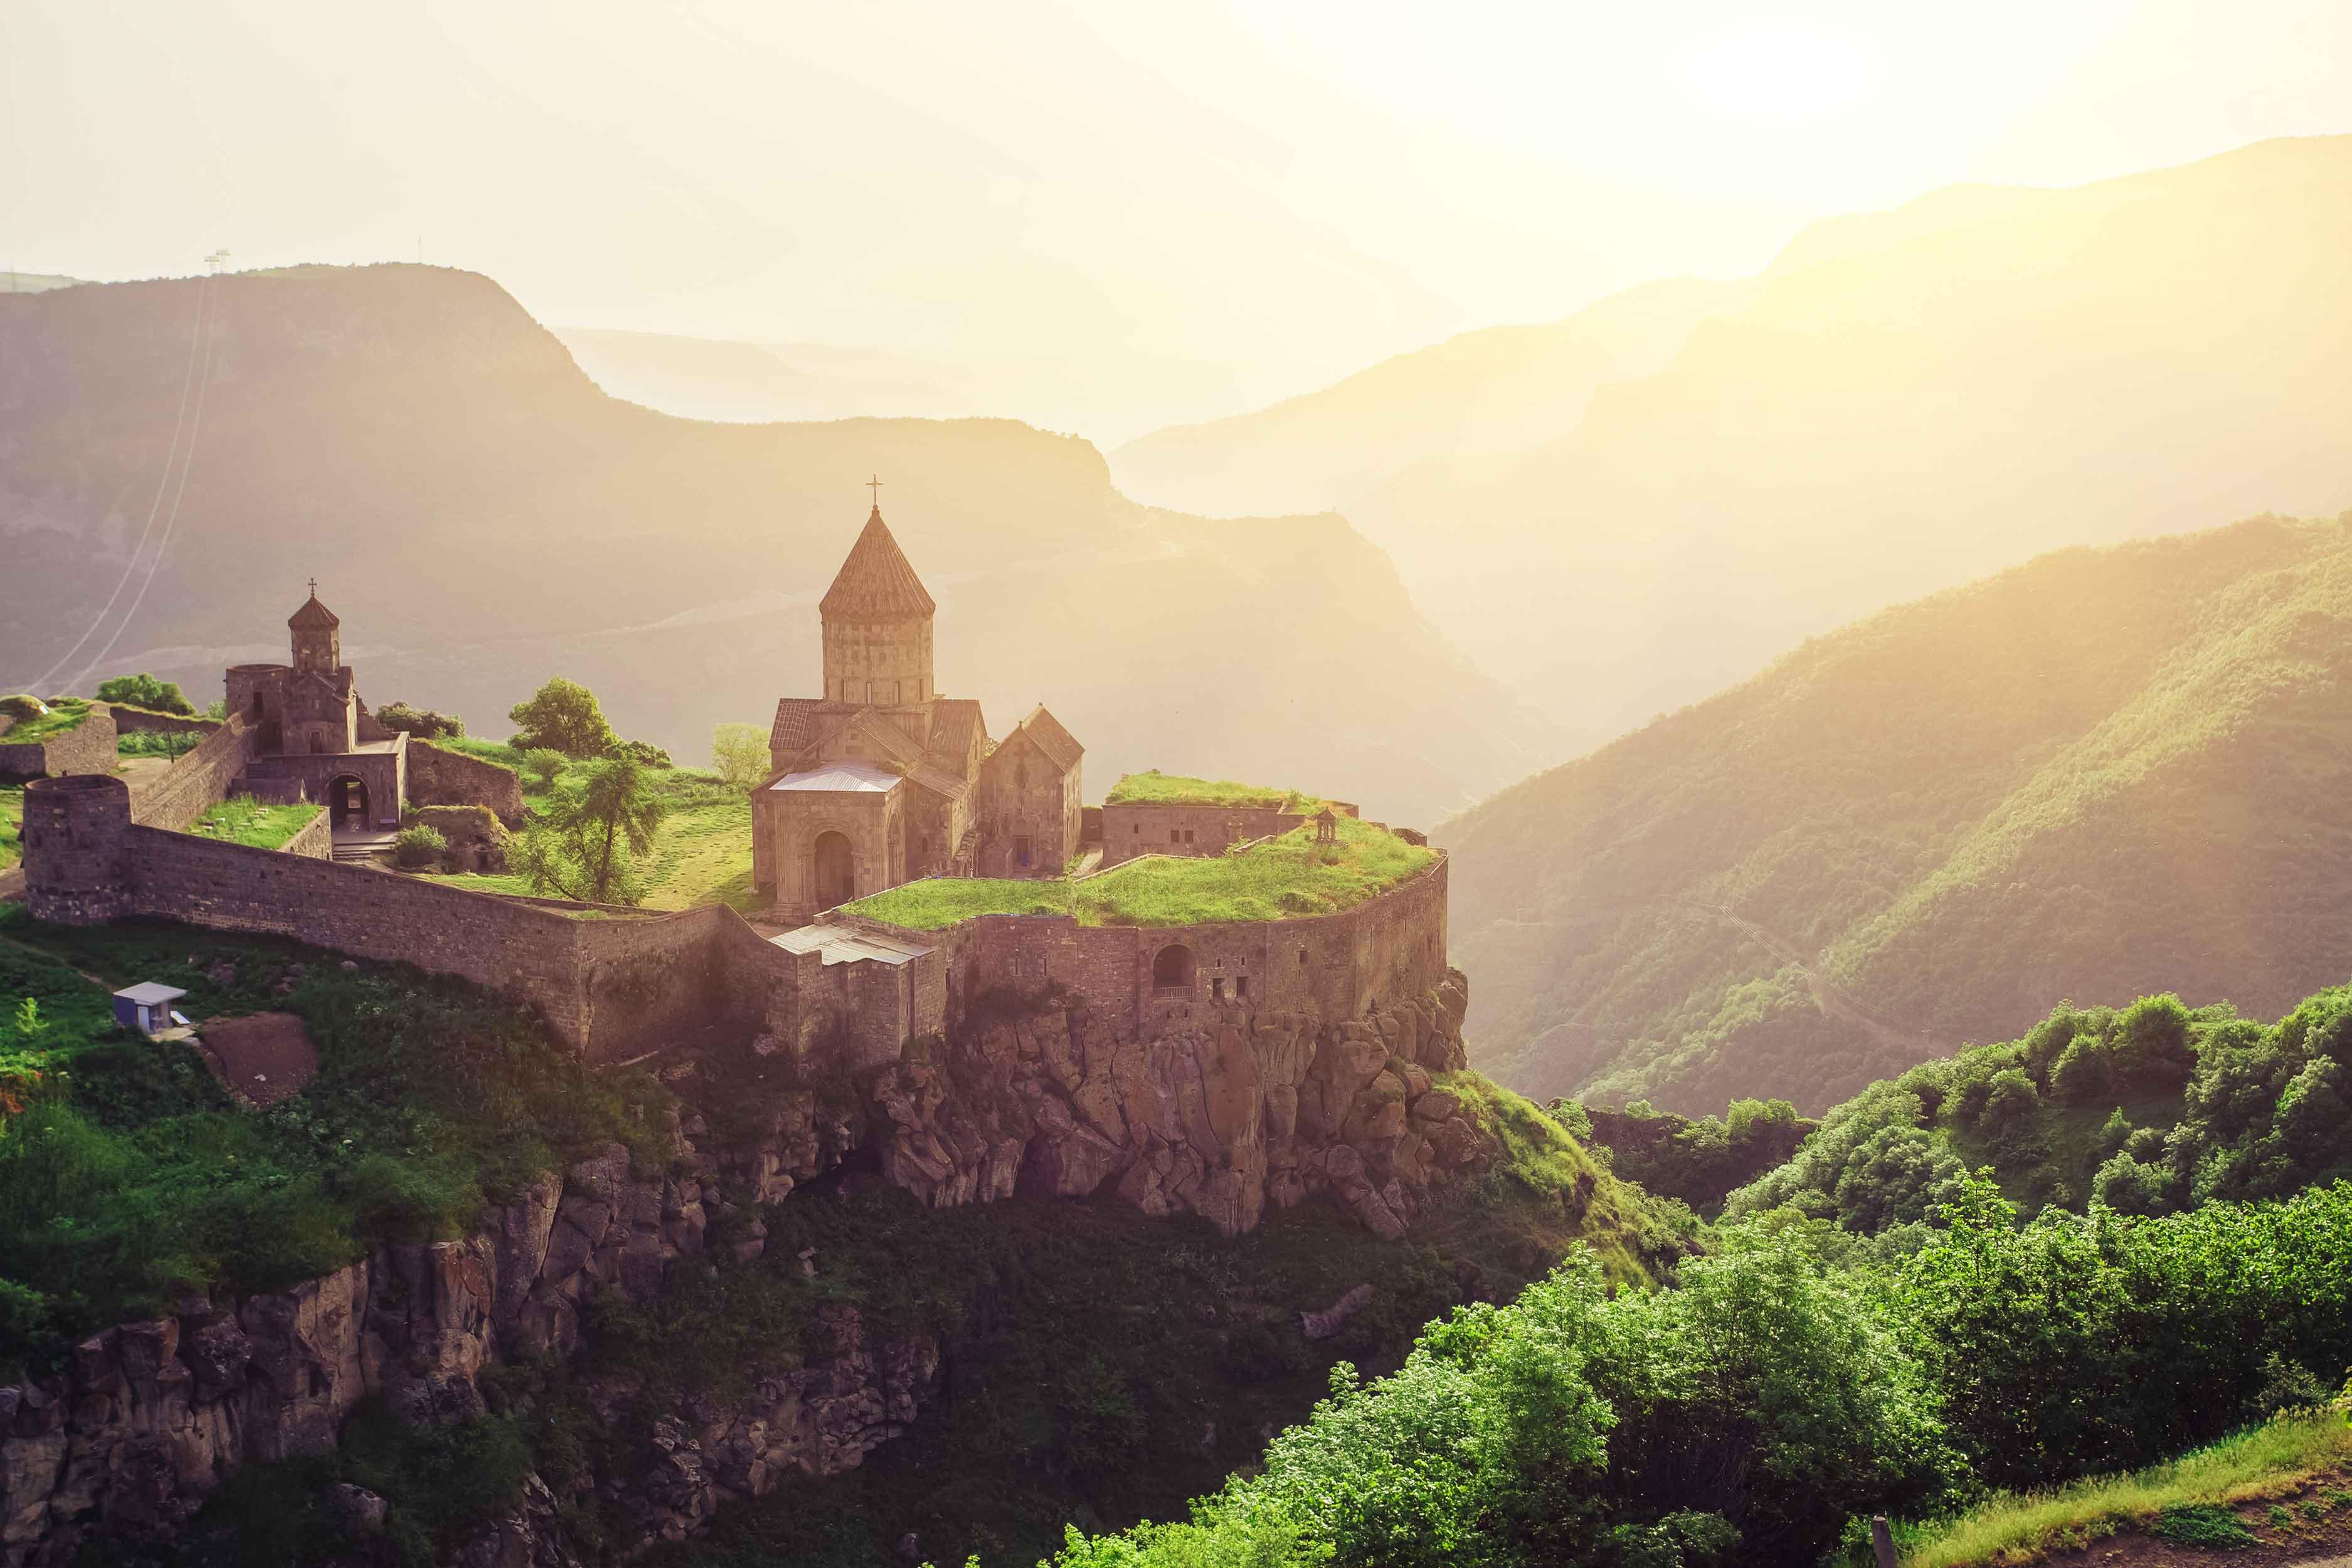 Татевский монастырьcкий комплекс, Сюникская область, Армения